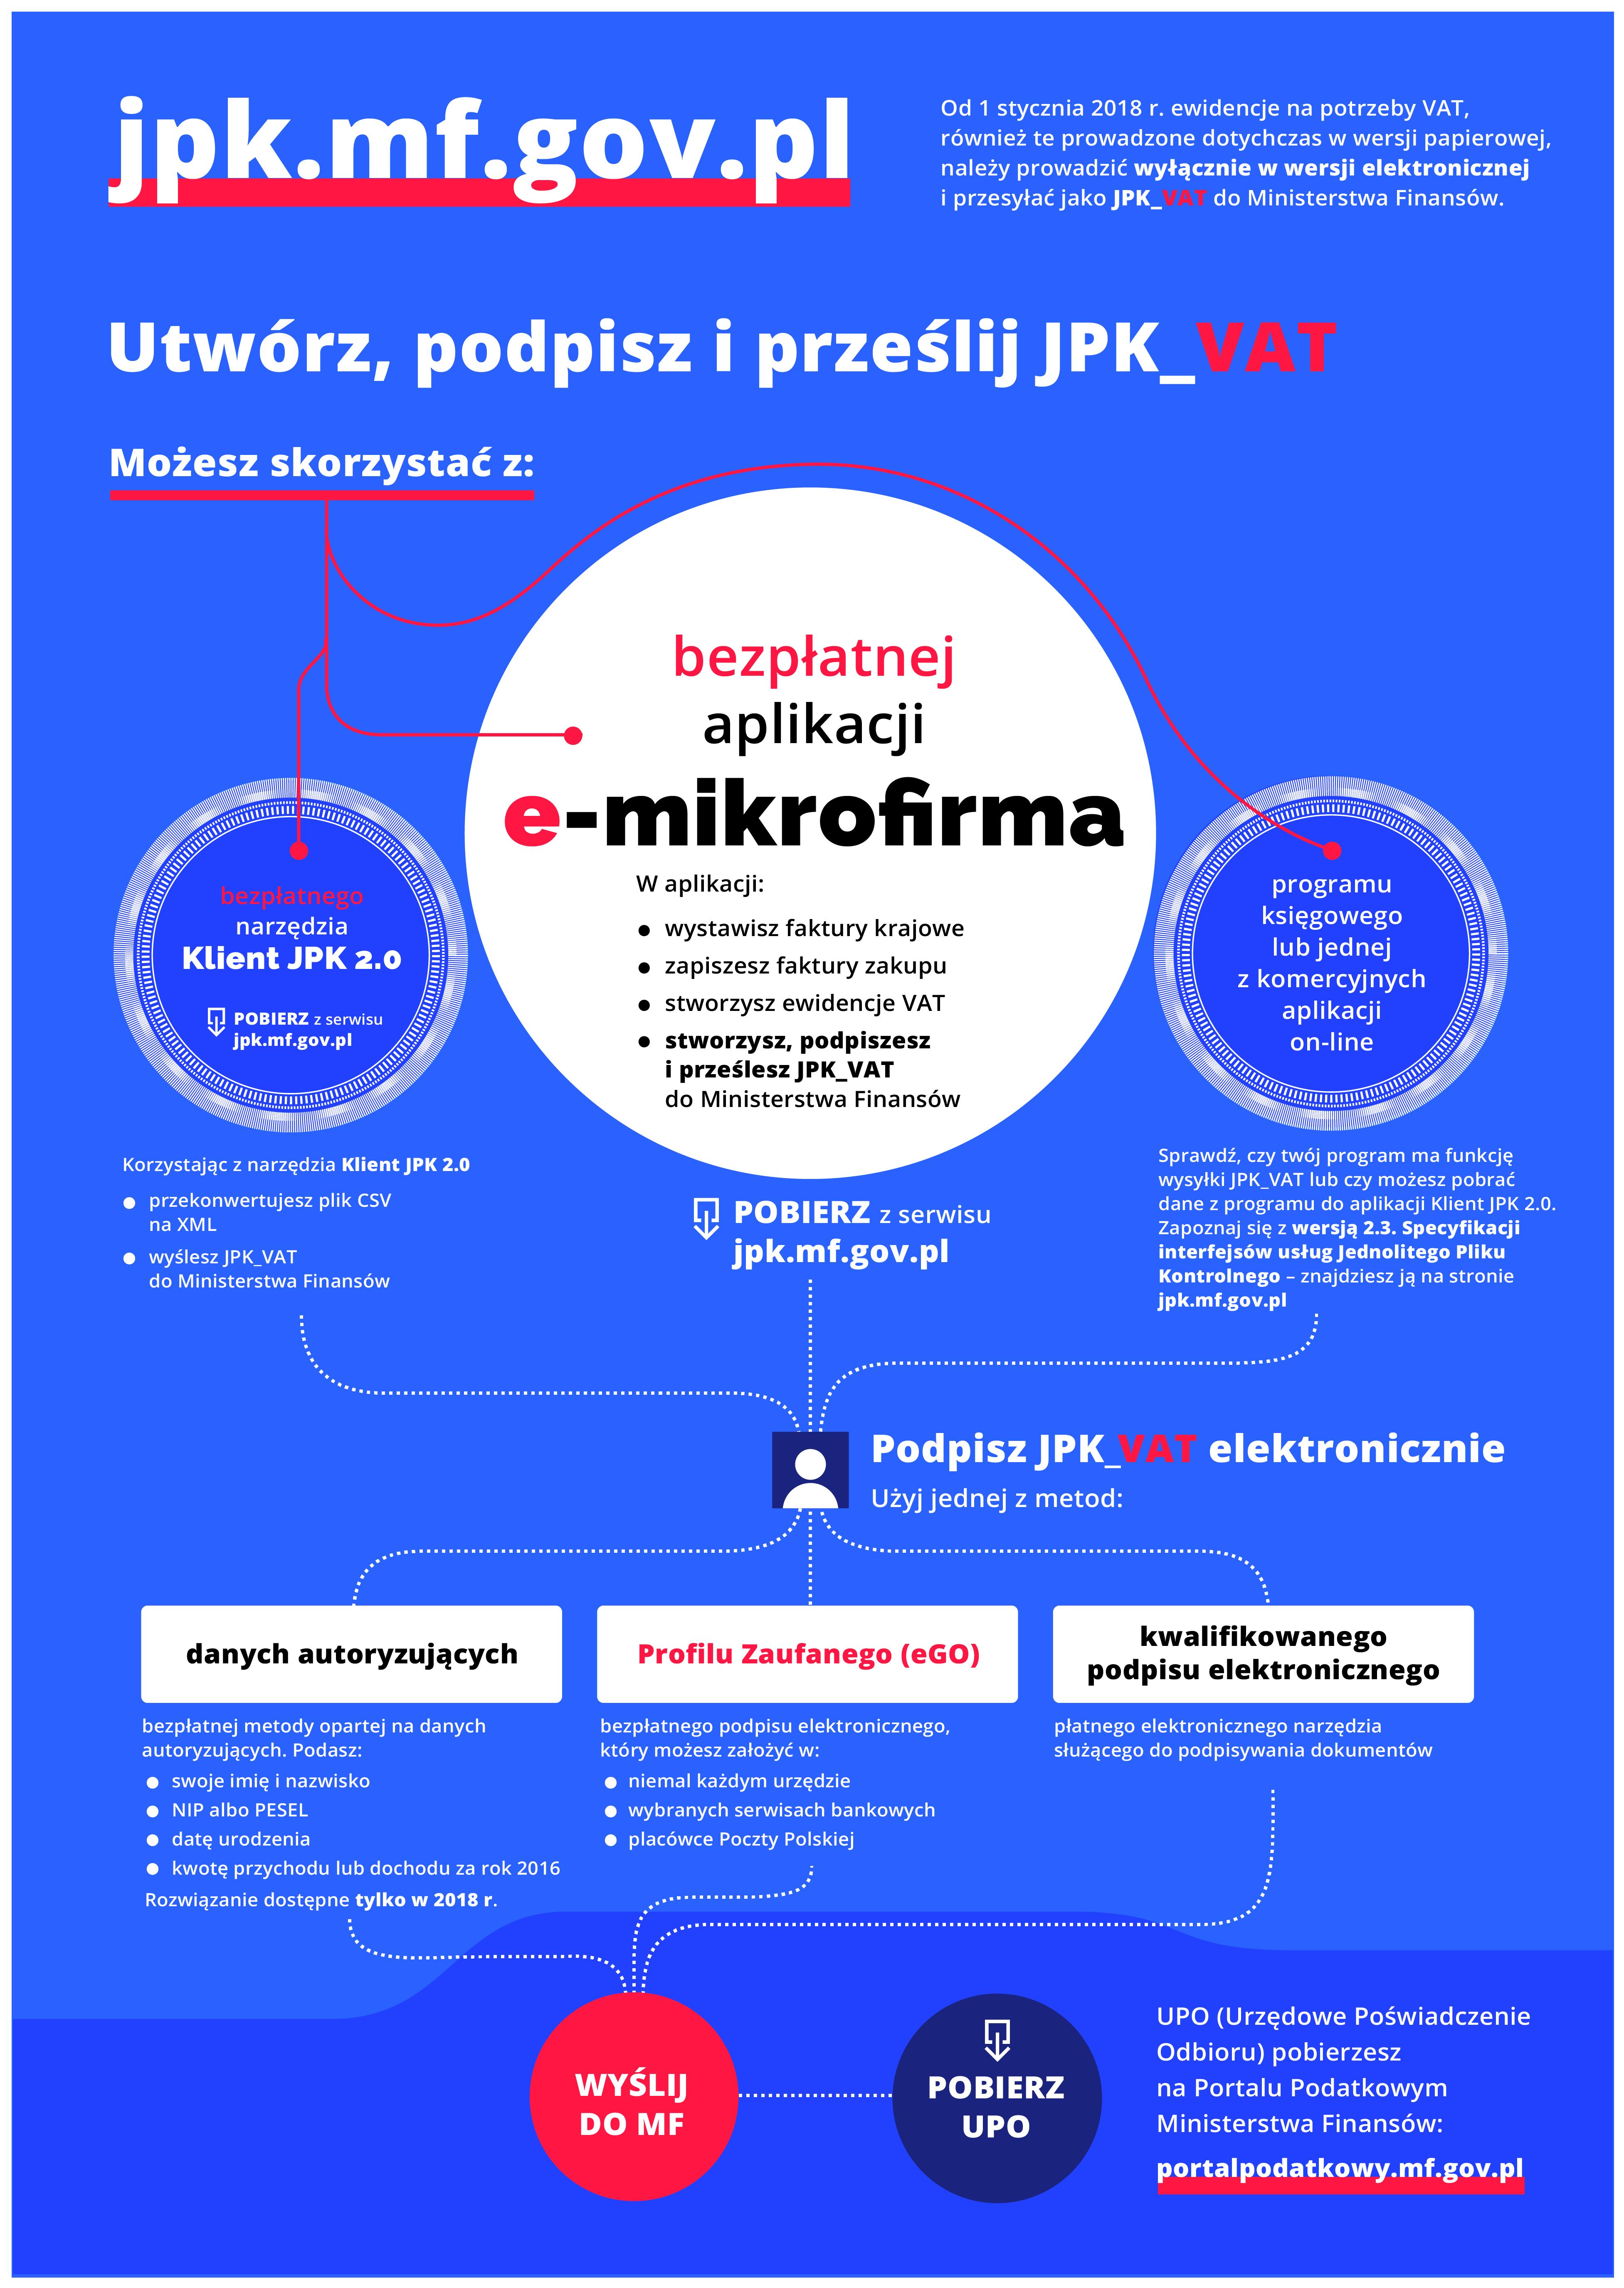 Utworz_podpisz_i_przeslij_JPK_VAT